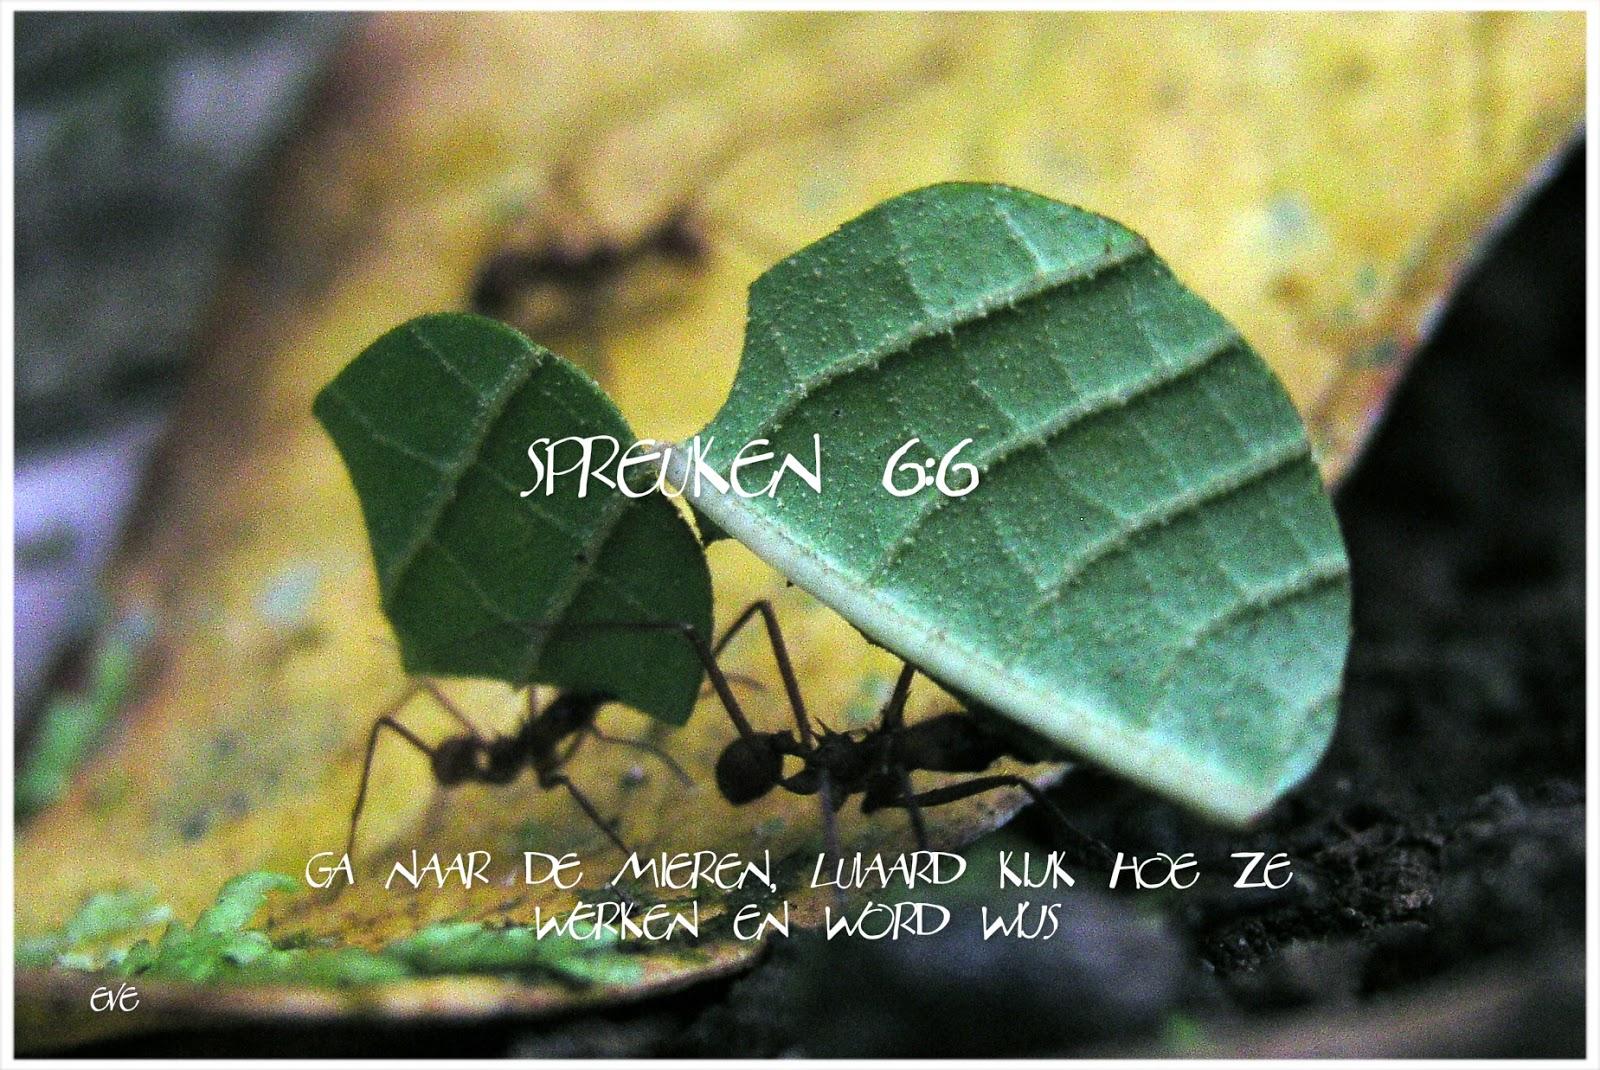 spreuken 6 6 Good Morning Girls NEDERLAND: Spreuken 6 spreuken 6 6